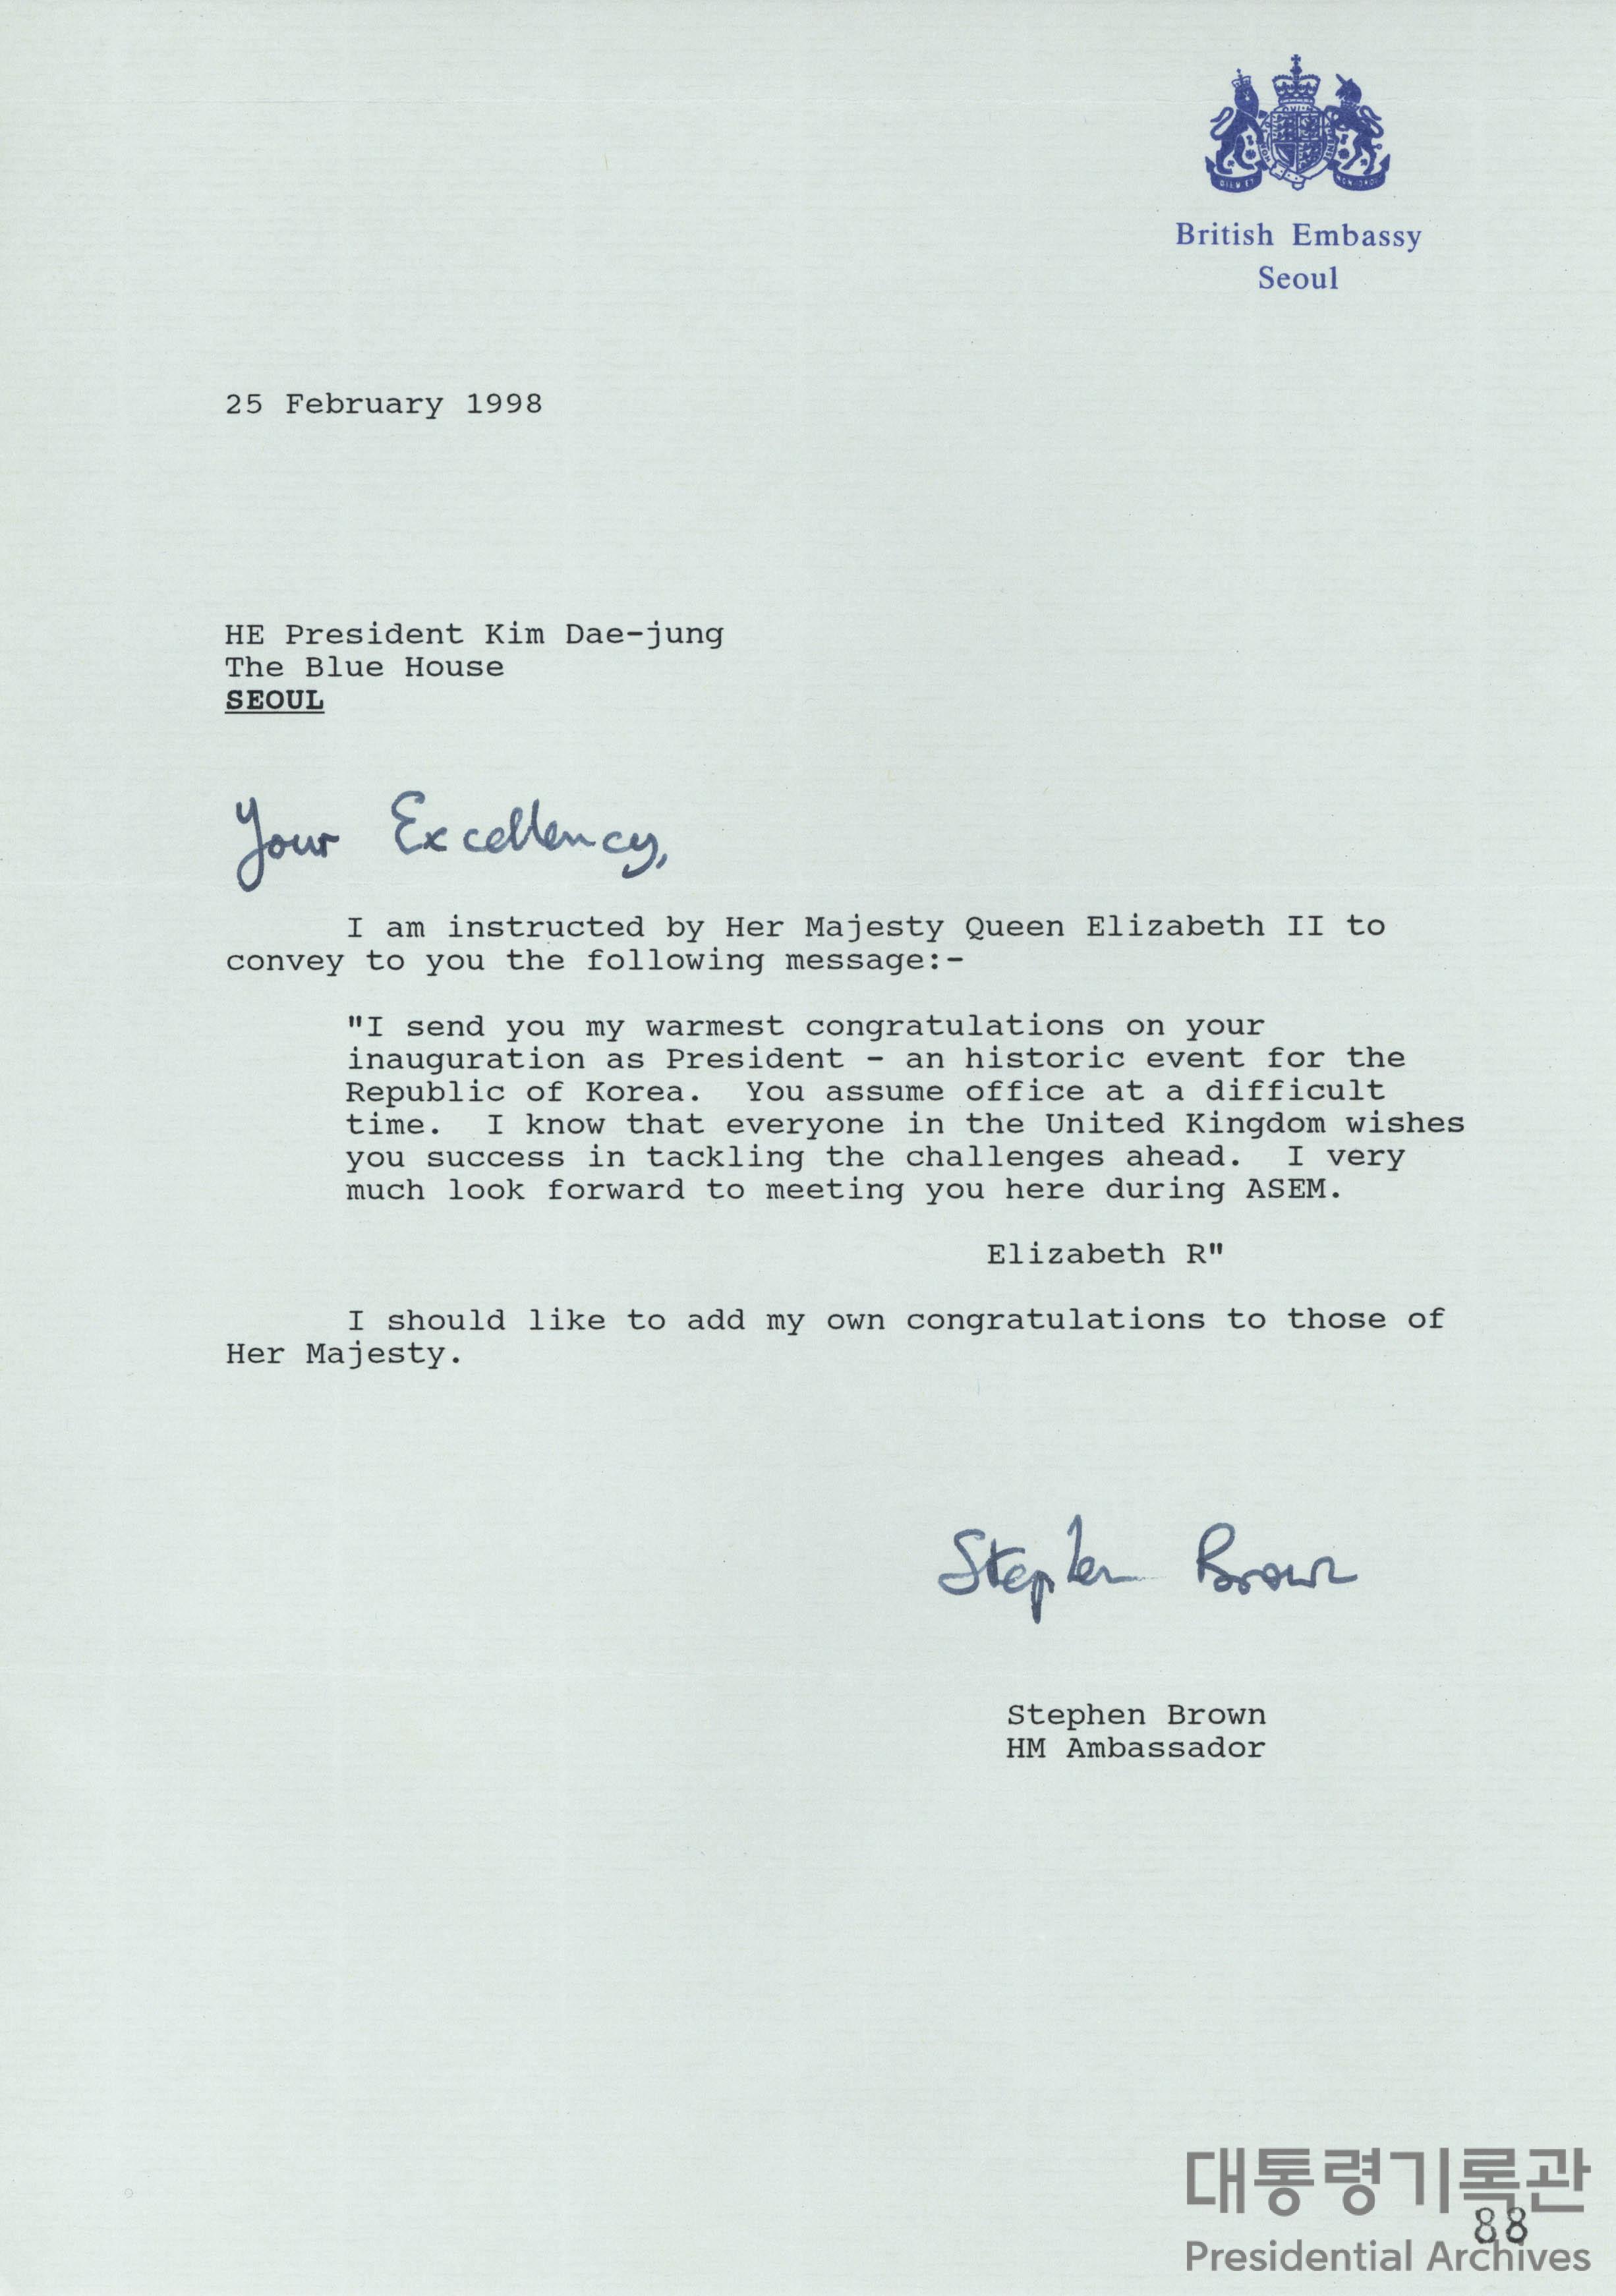 영국 여왕 엘리자베스 2세의 취임축하 메시지(주한영국대사 Stephen Brown 전달)